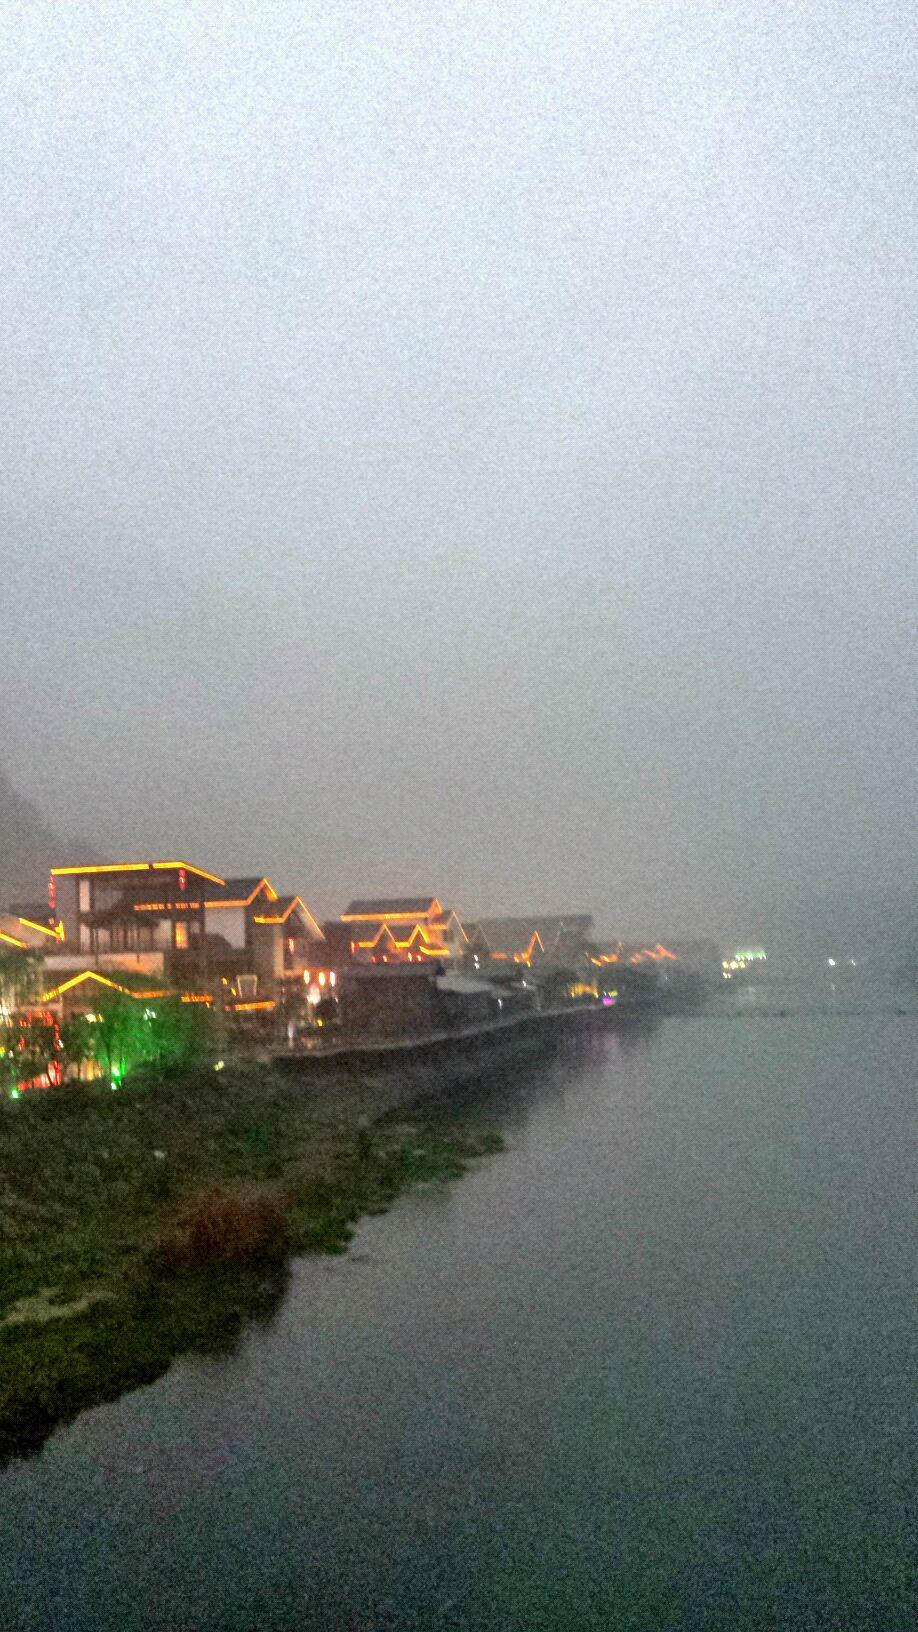 长沙最漂亮的风景